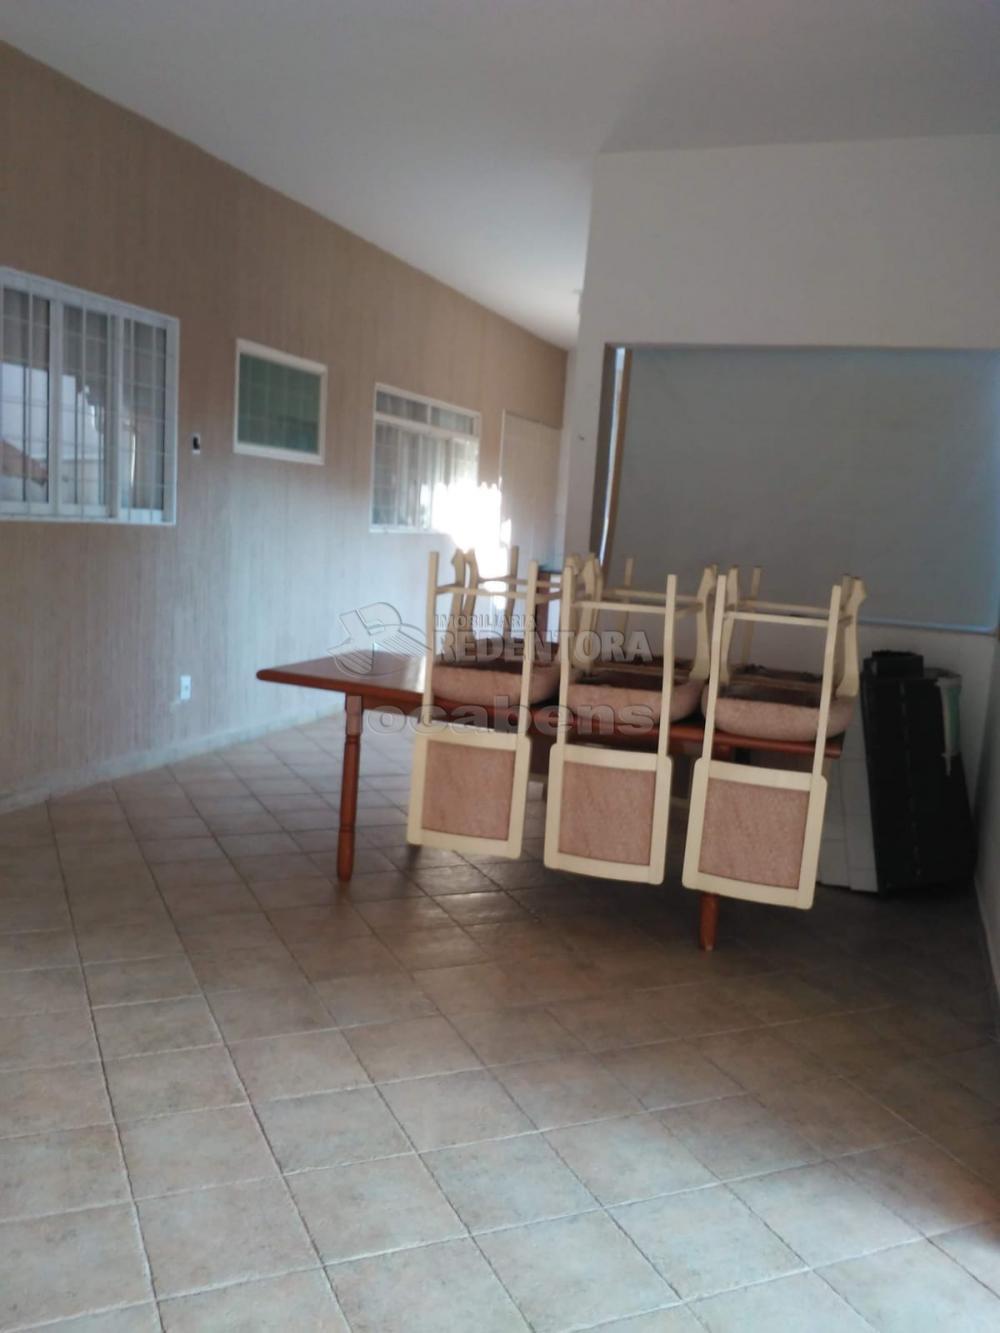 Comprar Casa / Padrão em São José do Rio Preto R$ 500.000,00 - Foto 16